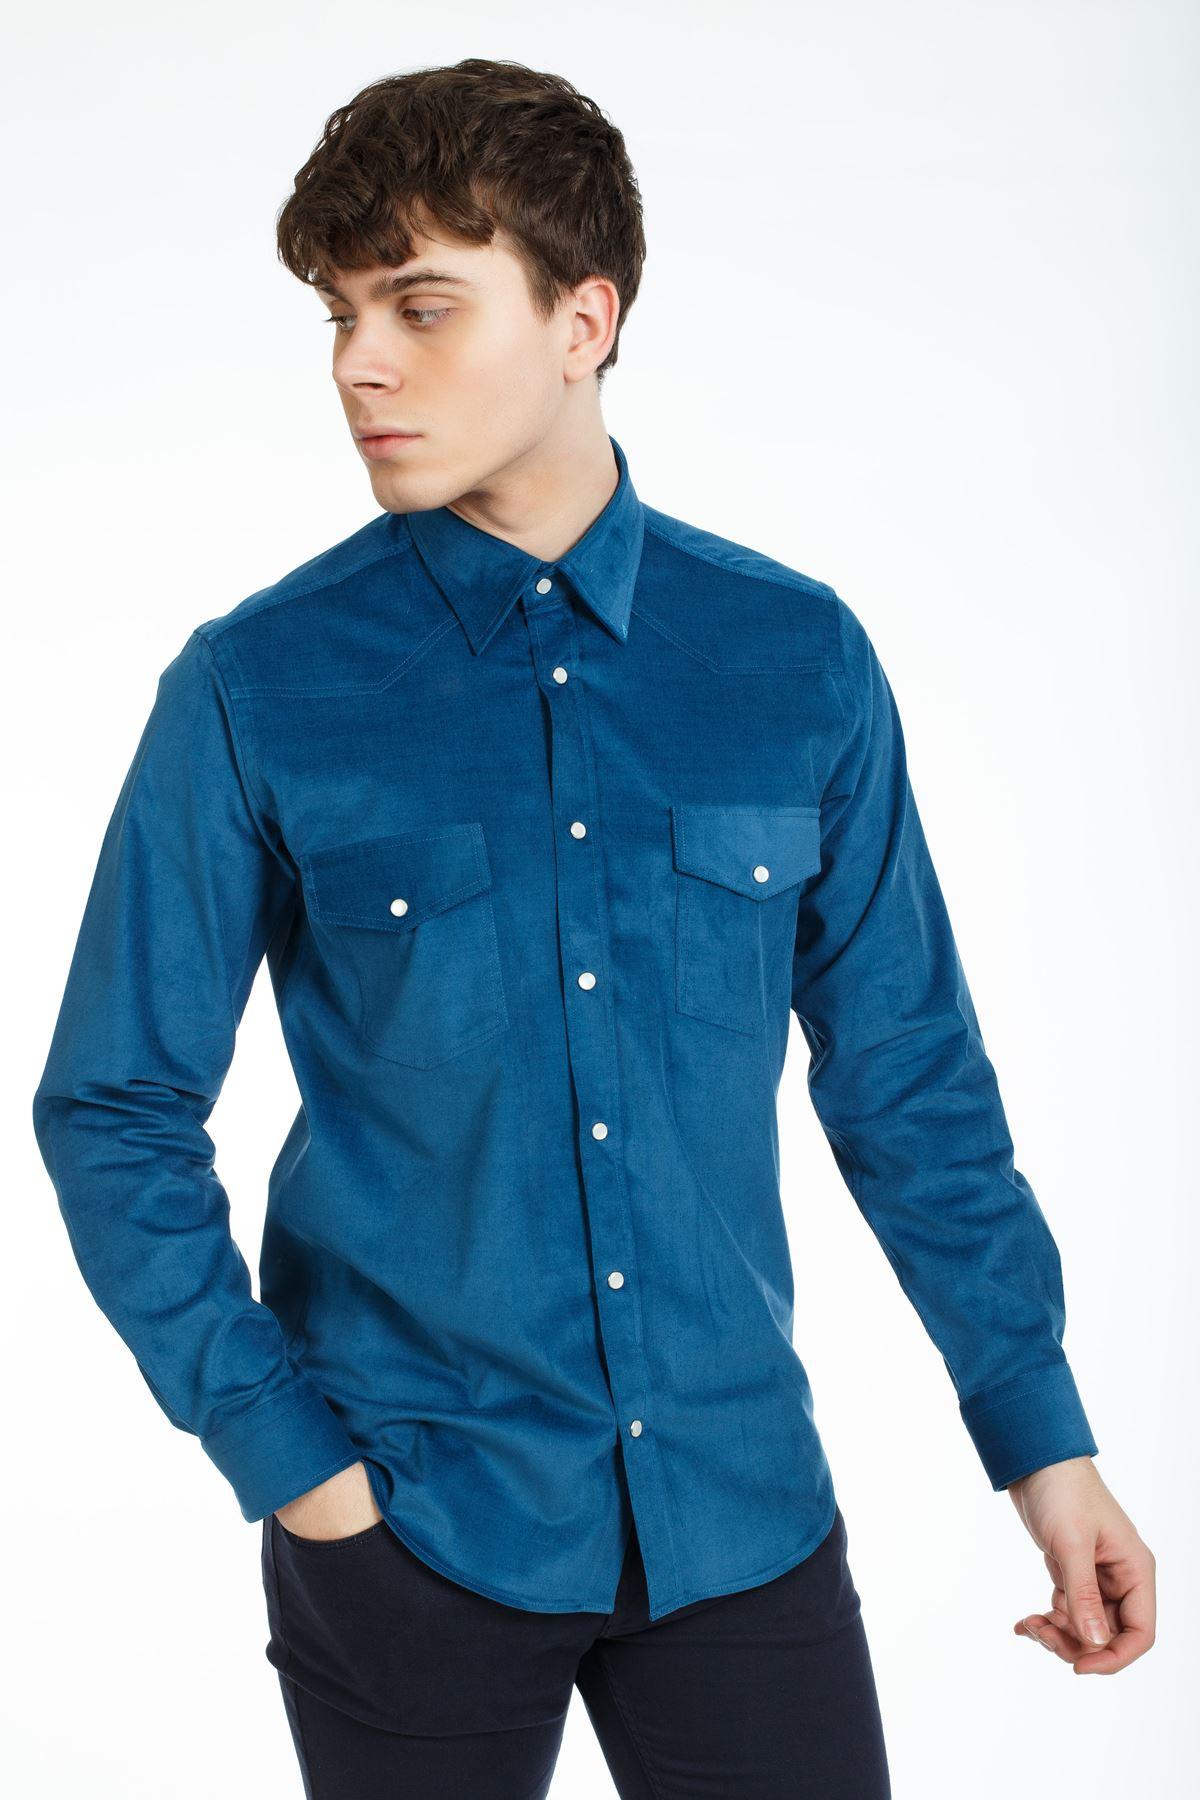 İndigo Renk Çıt Çıtlı Regular Kalıp Spor Gömlek